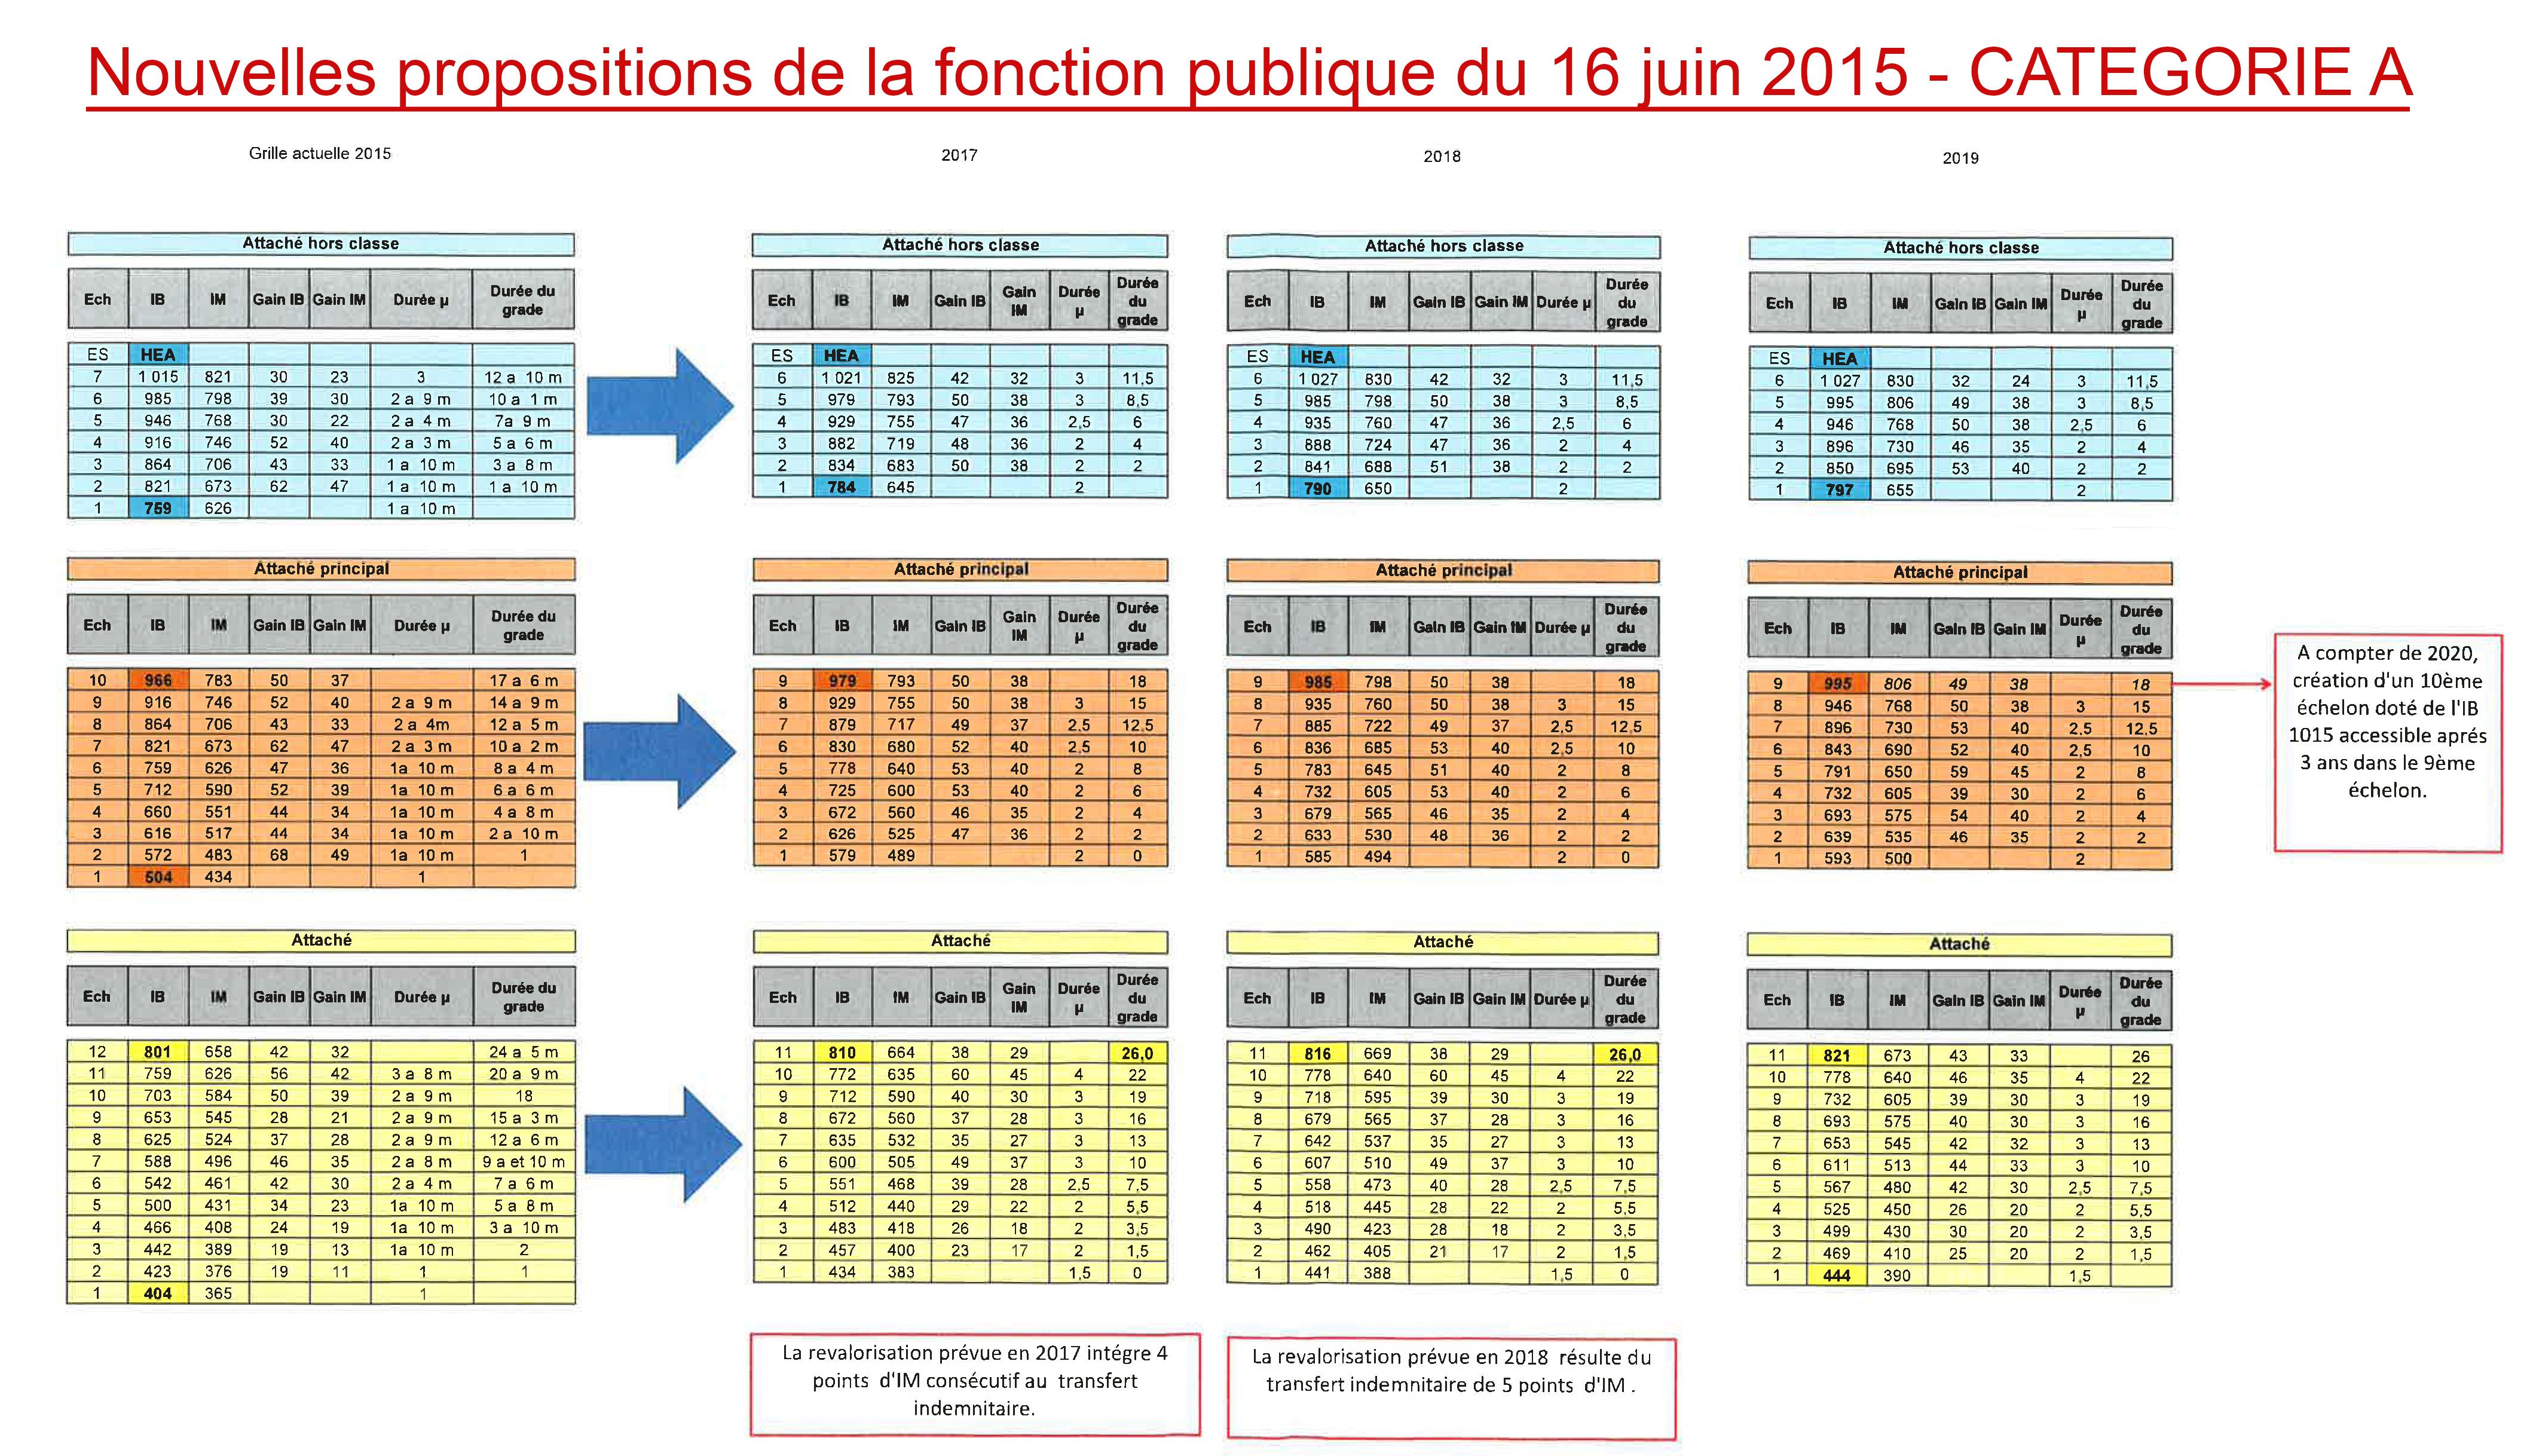 Nouvelle grille indiciaire categorie c en fph pour 2017 - Nouvelle grille indiciaire categorie c 2015 ...